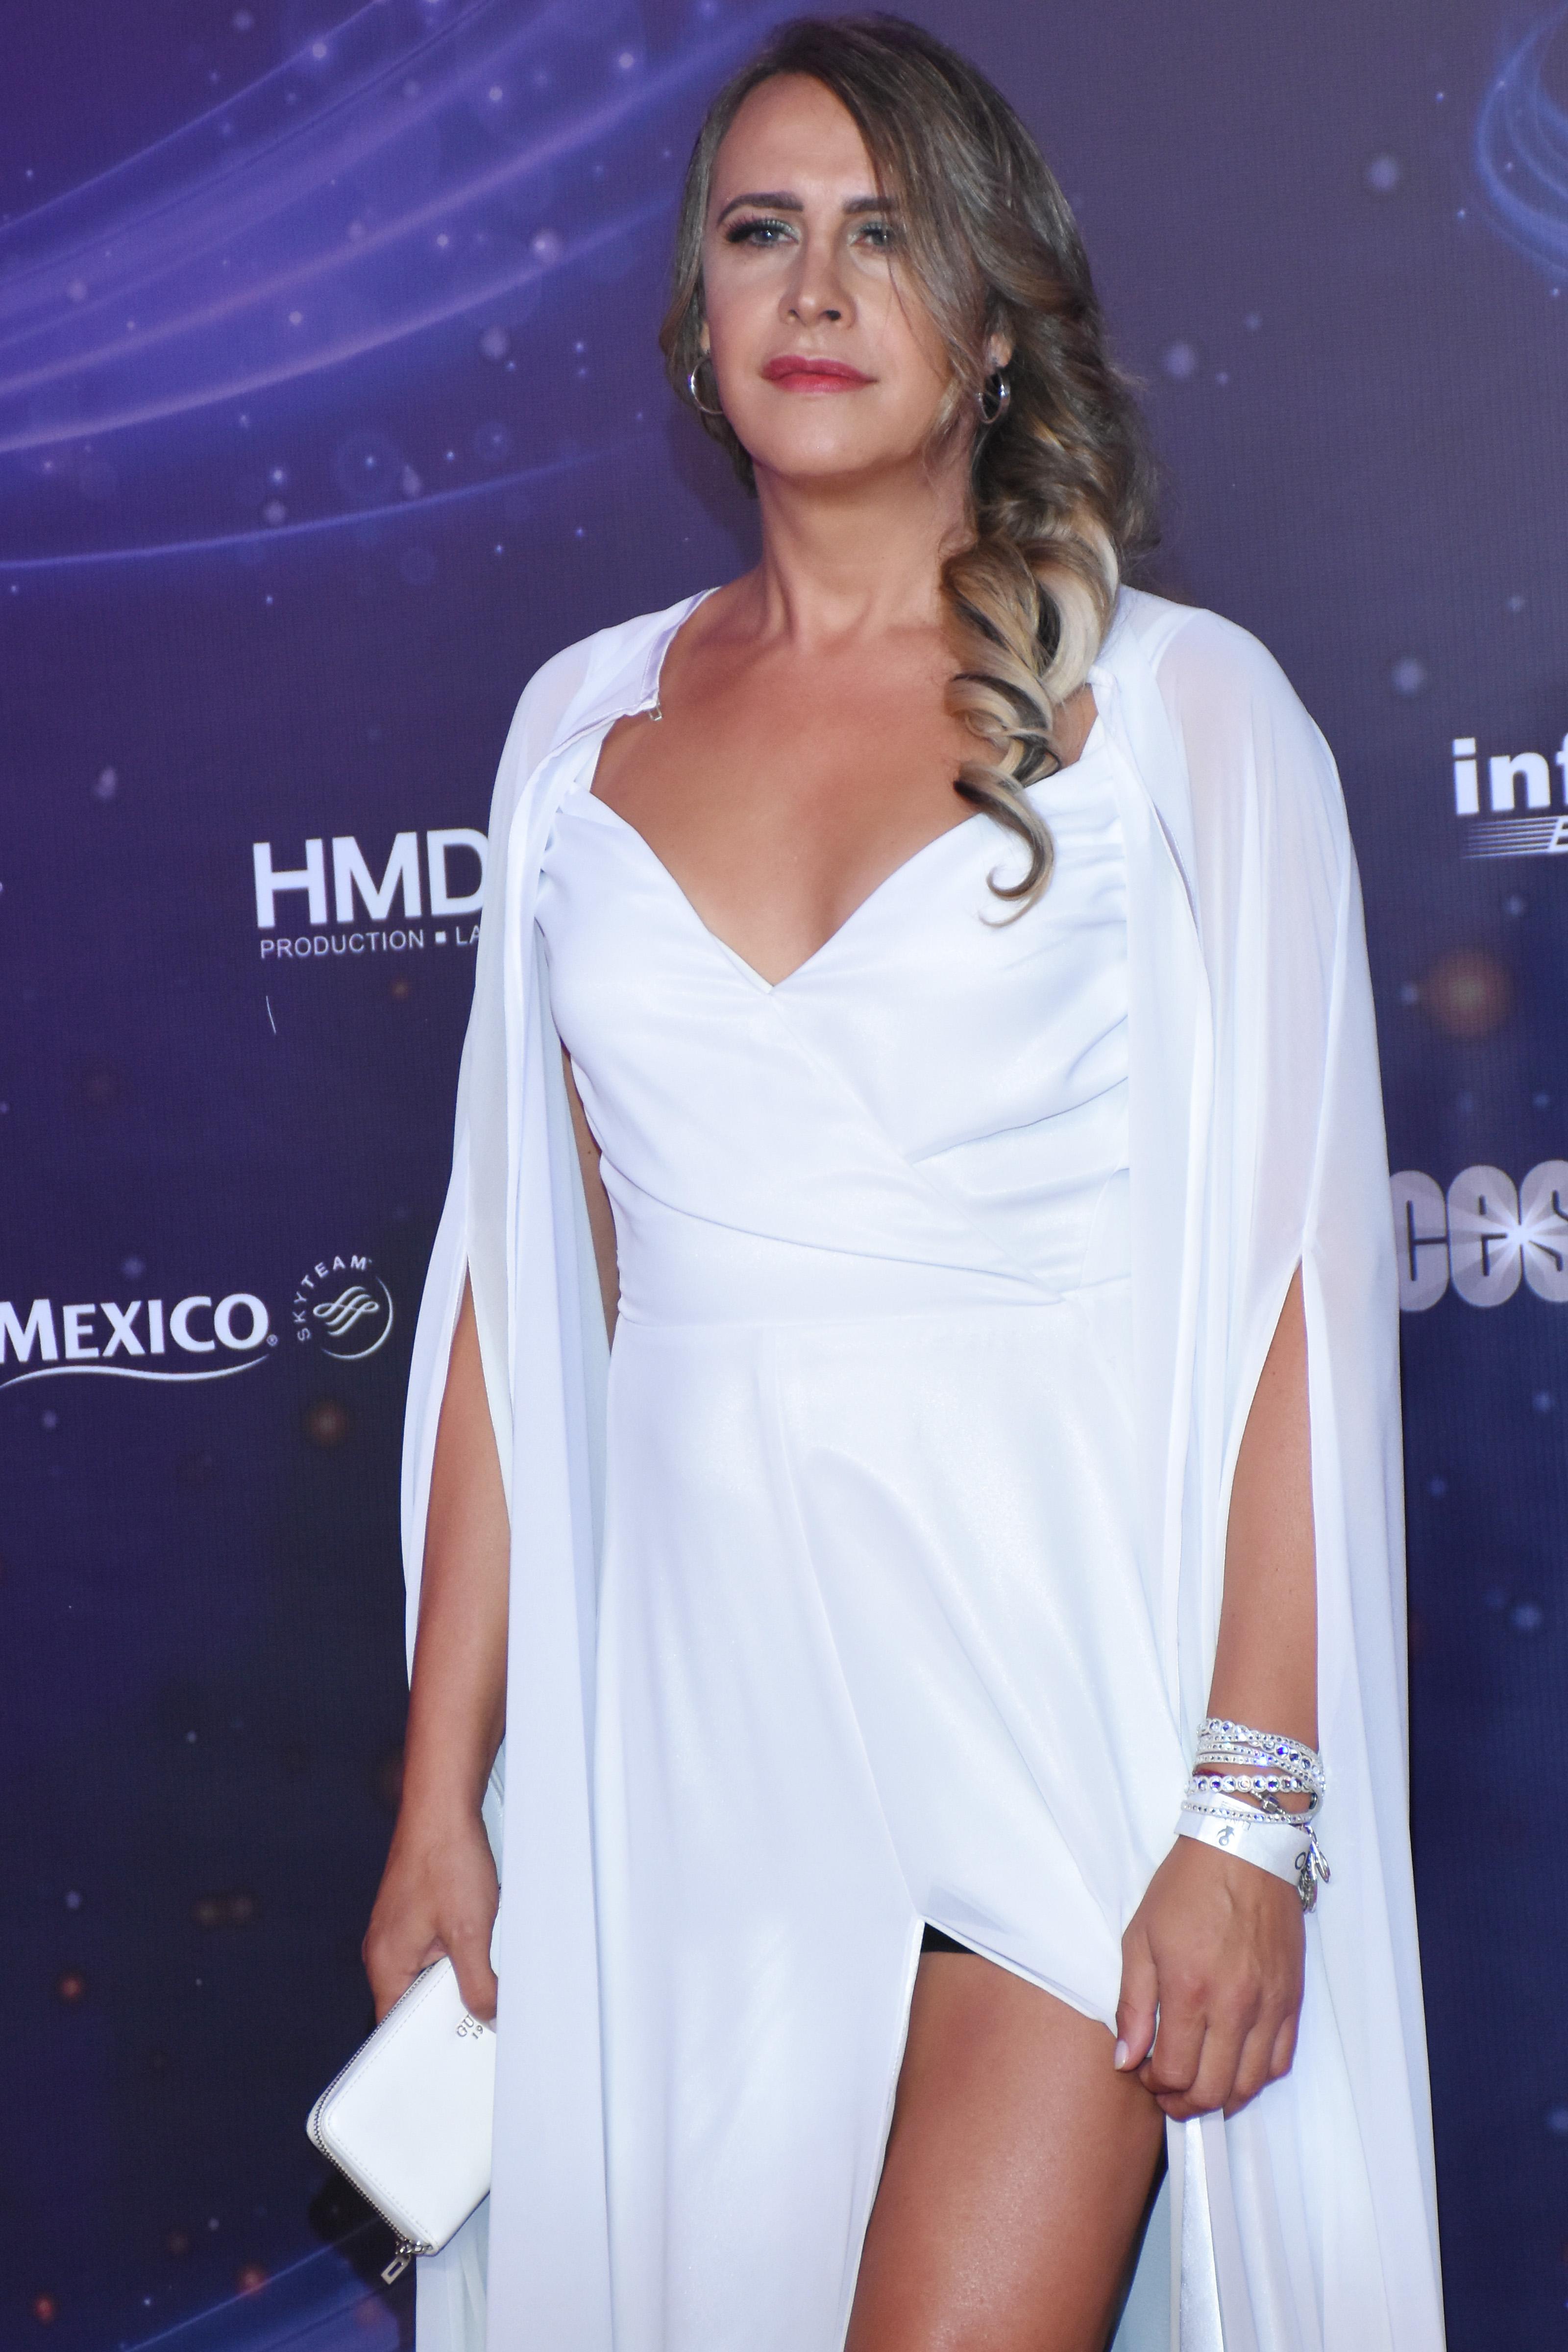 Karla Gascon